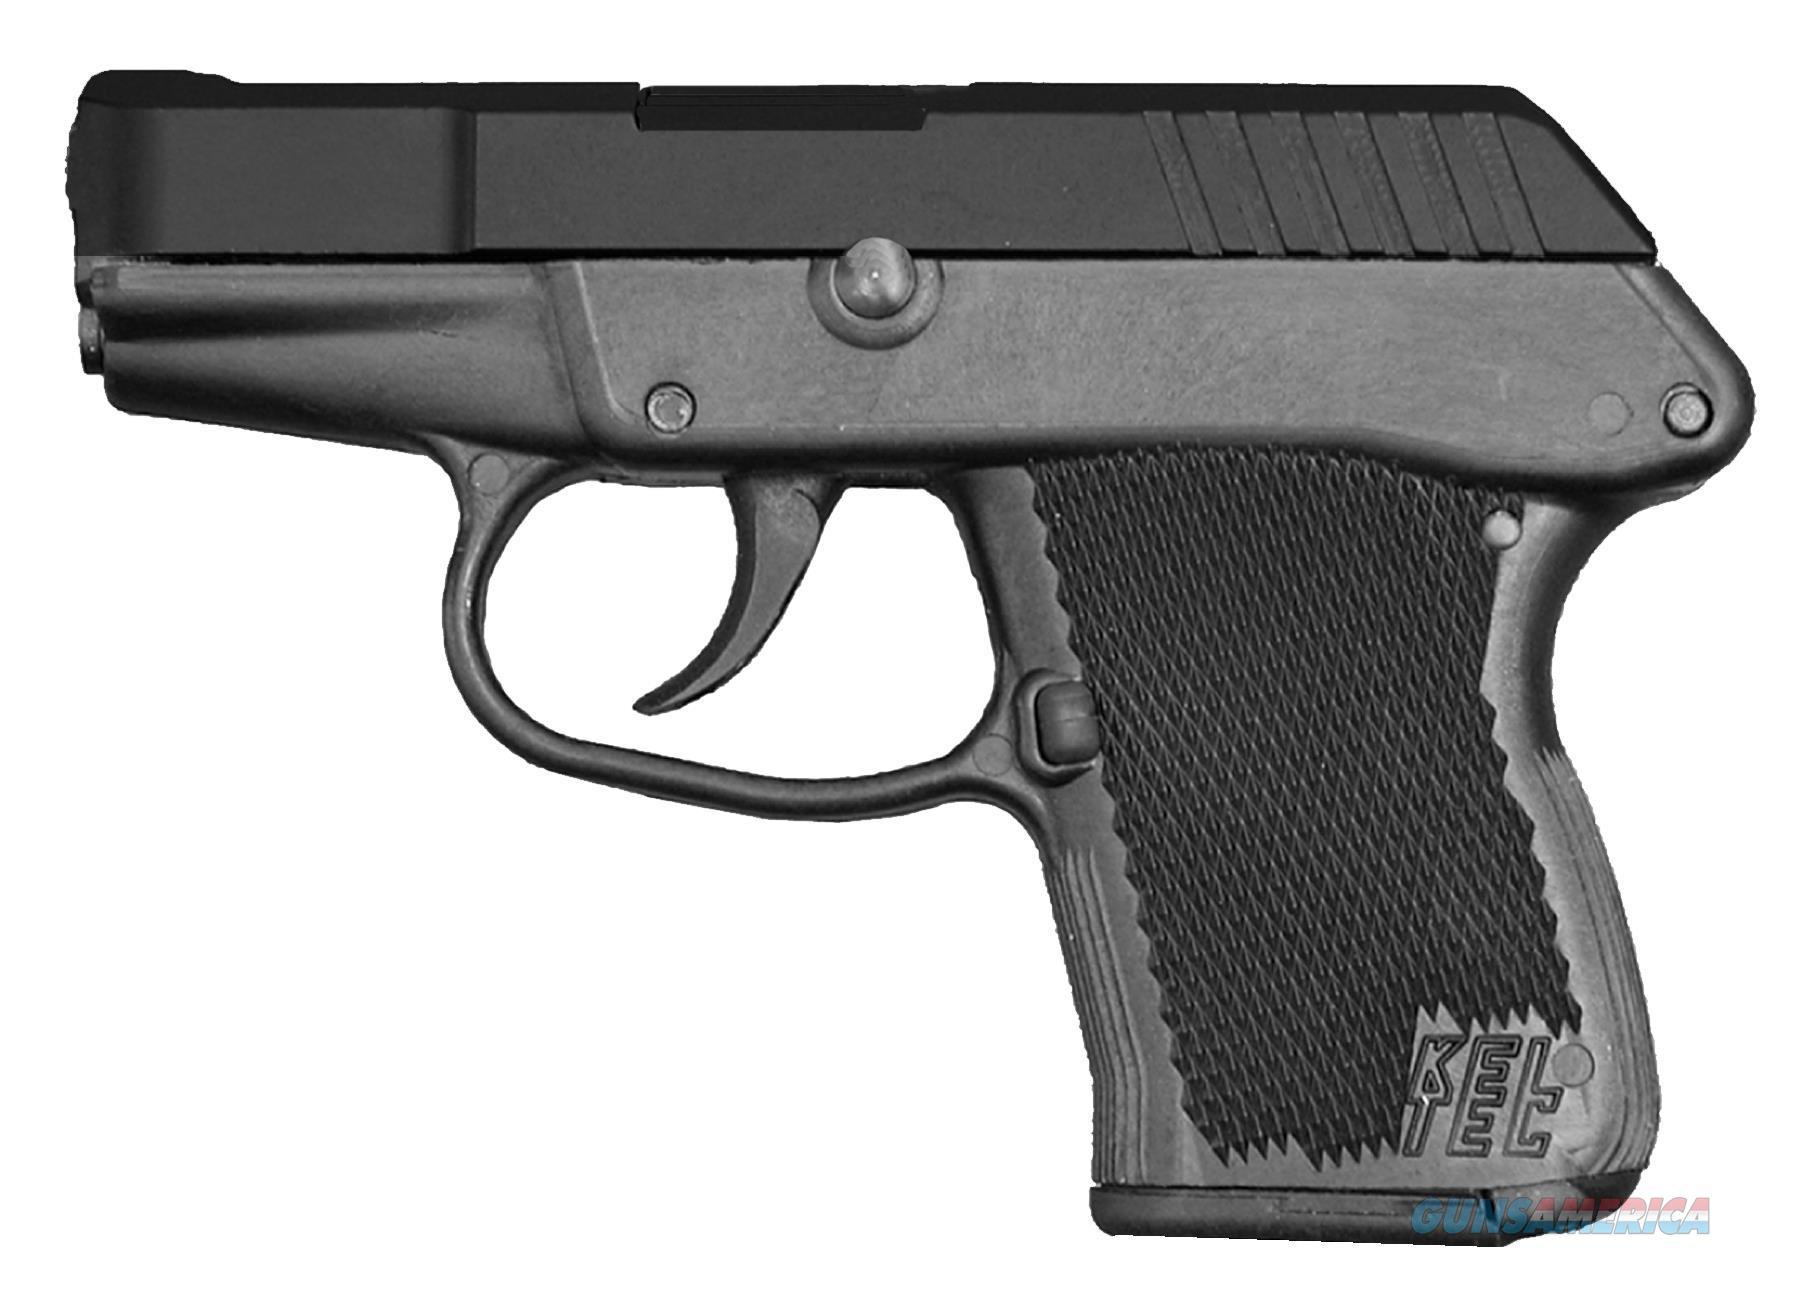 """Kel-Tec P3atpkgry P-3At 380 Acp Double 380 Automatic Colt Pistol (Acp) 2.7"""" 6+1 Gray Polymer Grip Black Parkerized P3ATPKGRY  Guns > Pistols > K Misc Pistols"""